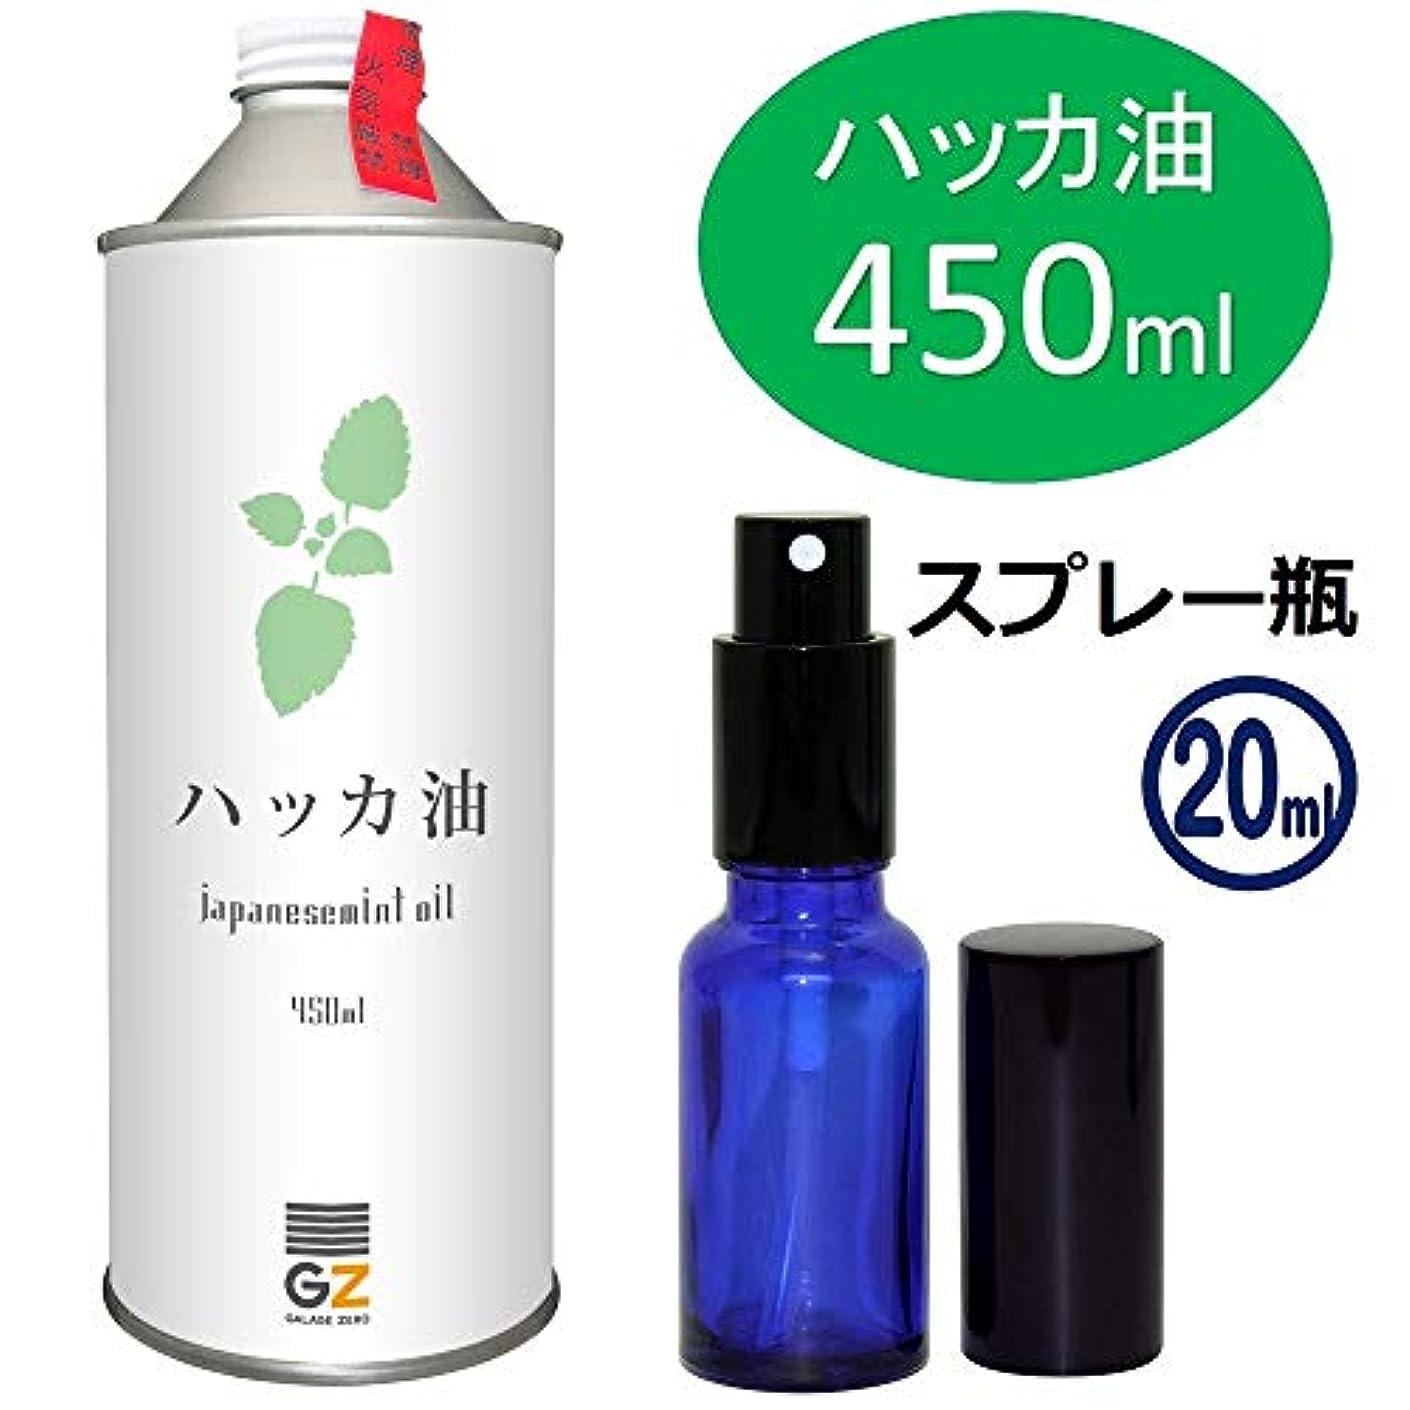 ガレージ?ゼロ ハッカ油 450ml(GZAK13)+ガラス瓶 スプレーボトル20ml/和種薄荷/ジャパニーズミント GSE534